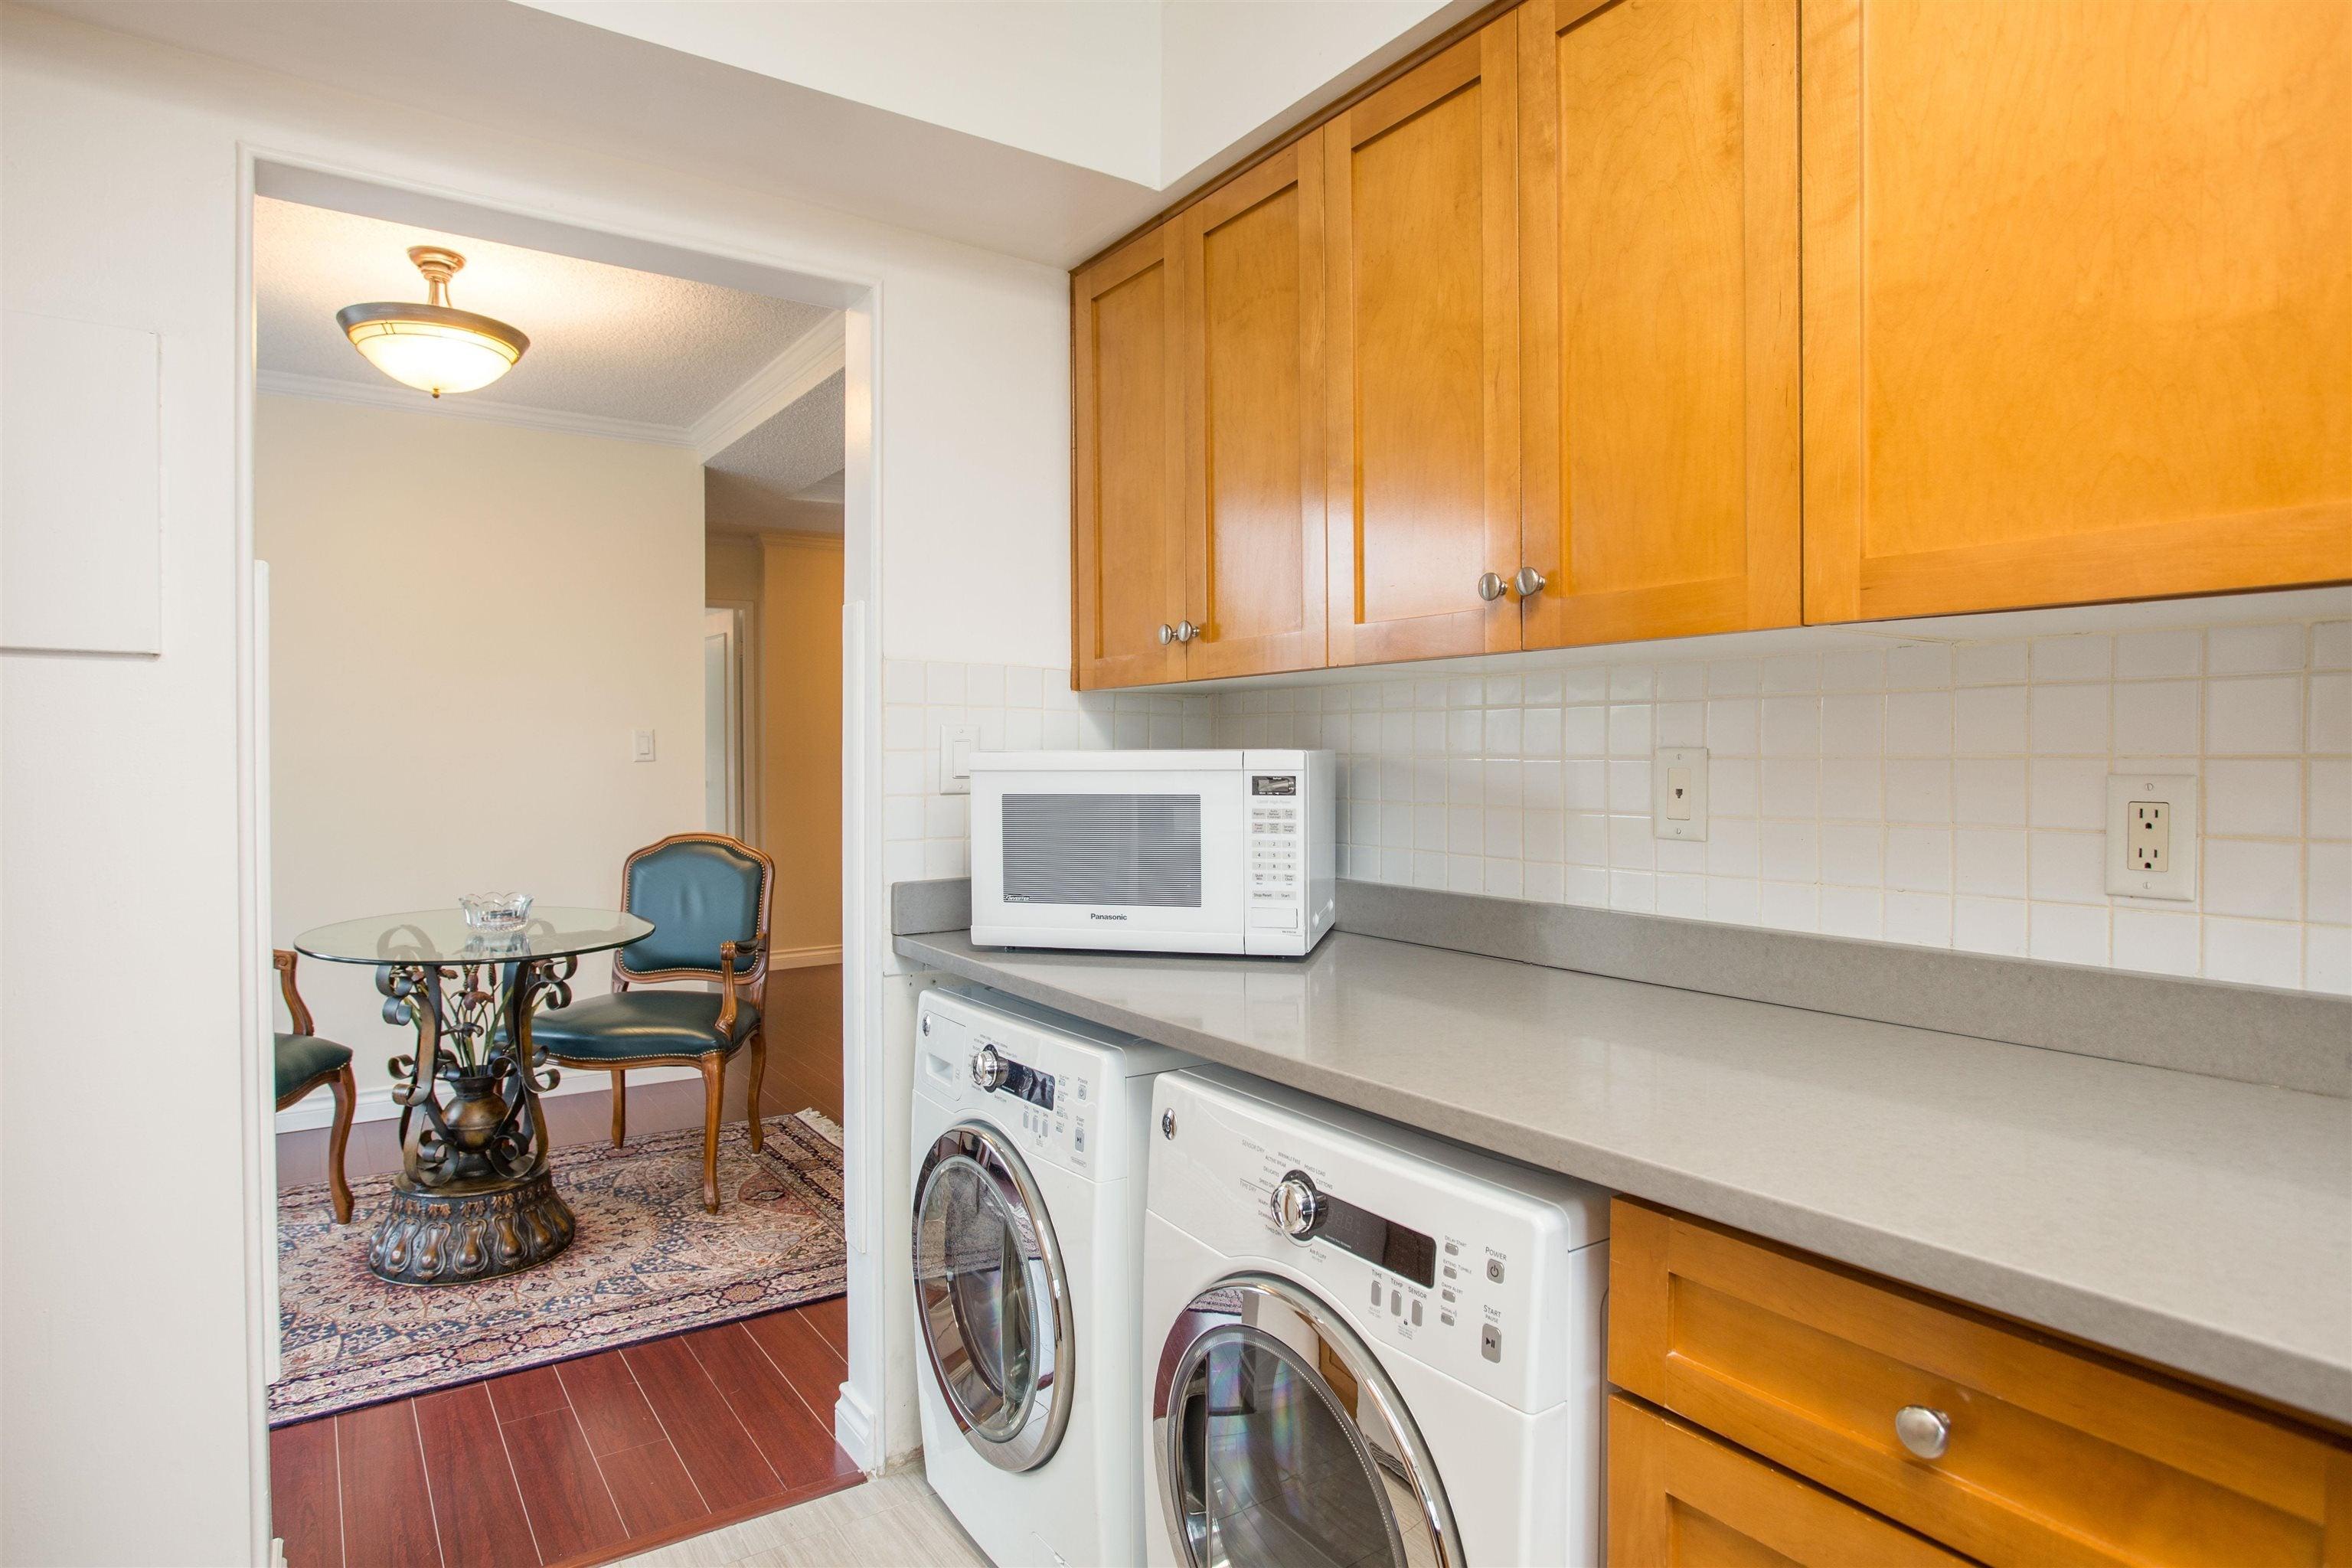 203 1390 DUCHESS AVENUE - Ambleside Apartment/Condo for sale, 1 Bedroom (R2611618) - #14